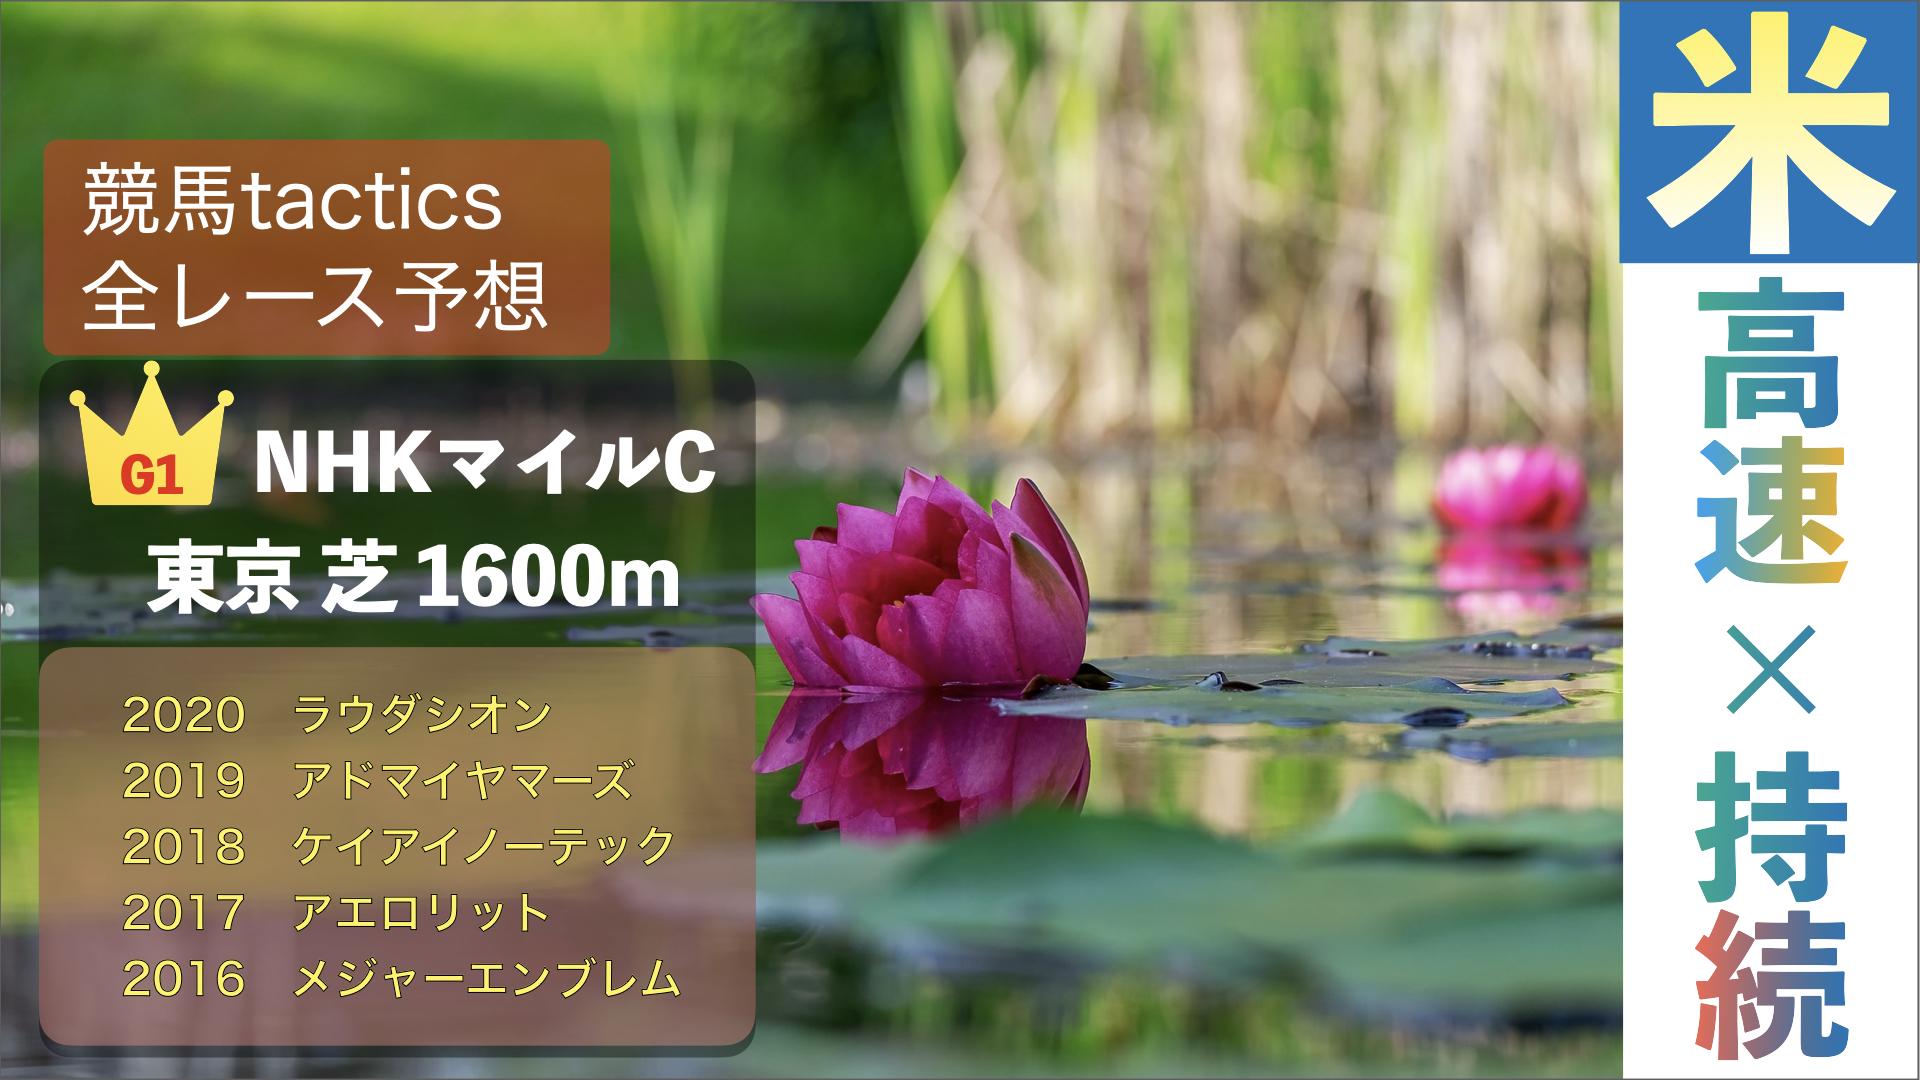 2021.5.9(日)第26回NHKマイルカップ(G1)東京競馬場 芝1600m 左回り